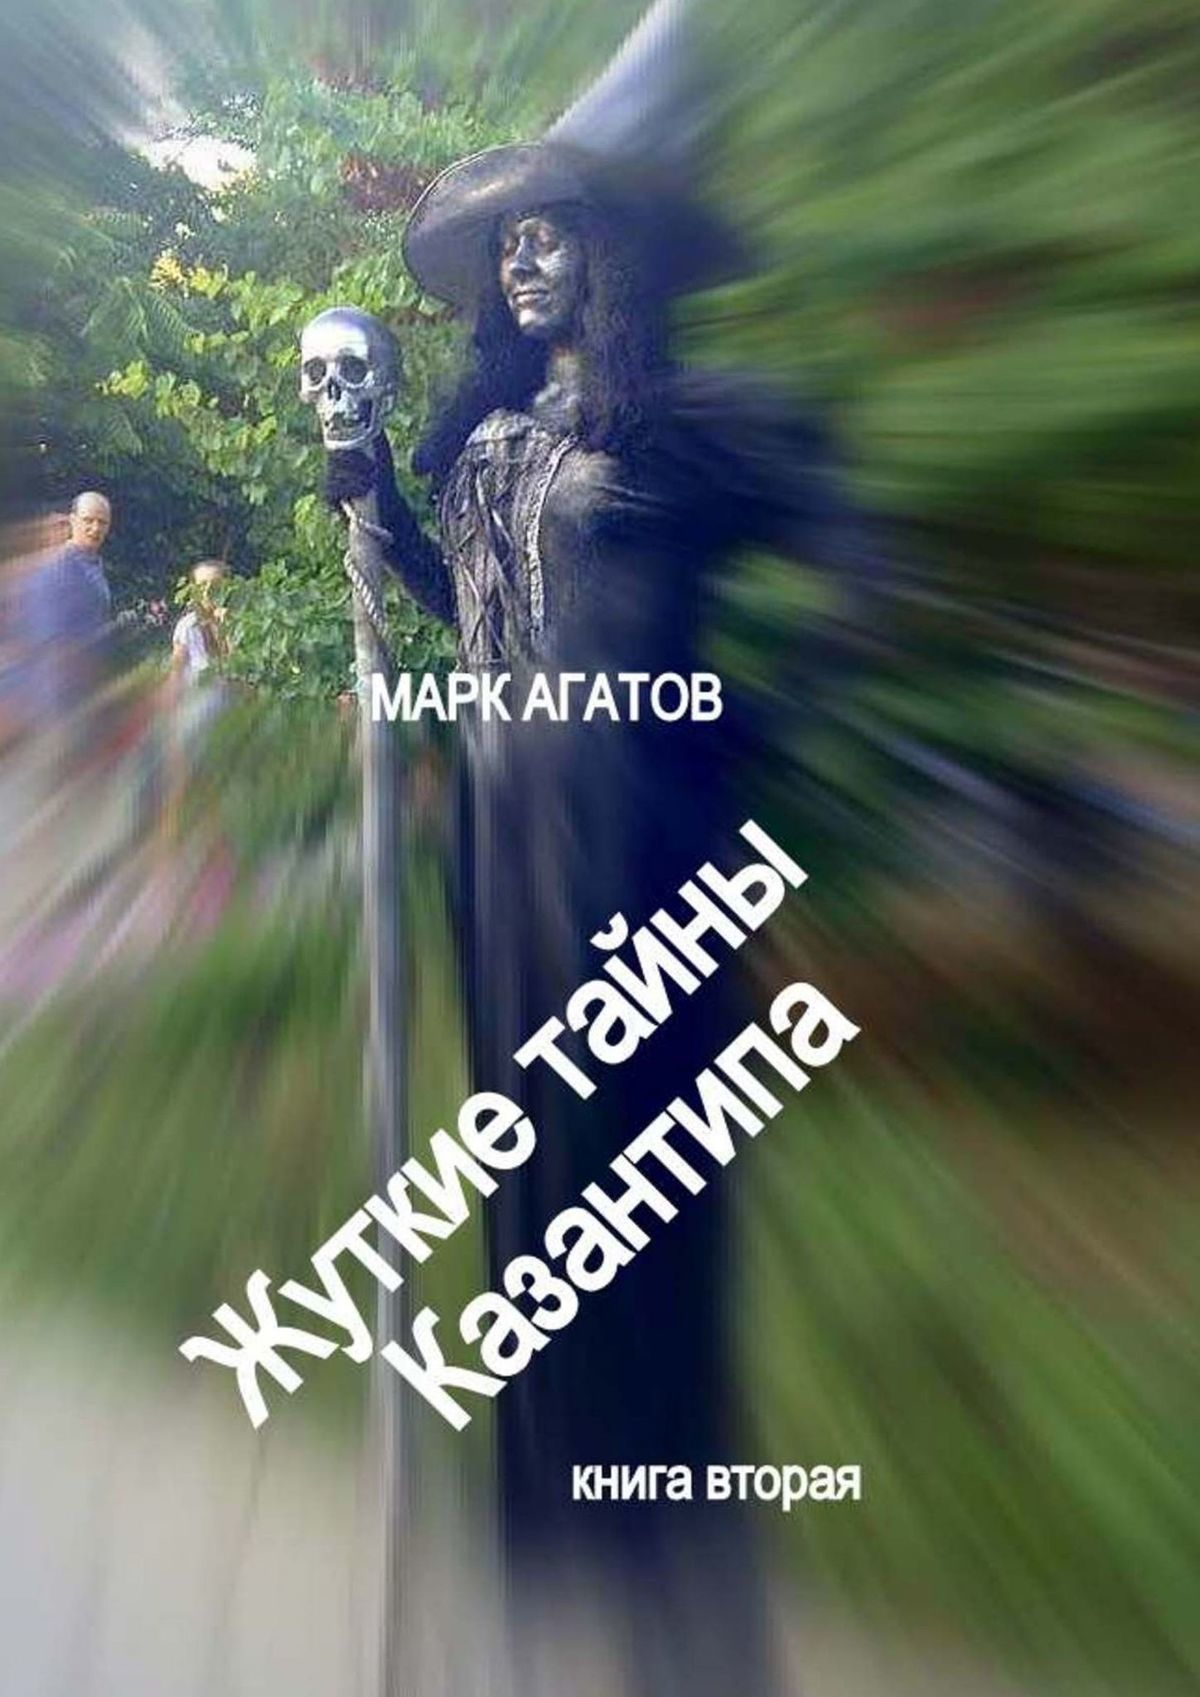 Марк Агатов Жуткие тайны Казантипа. Книга вторая candino часы candino c4569 1 коллекция elegance